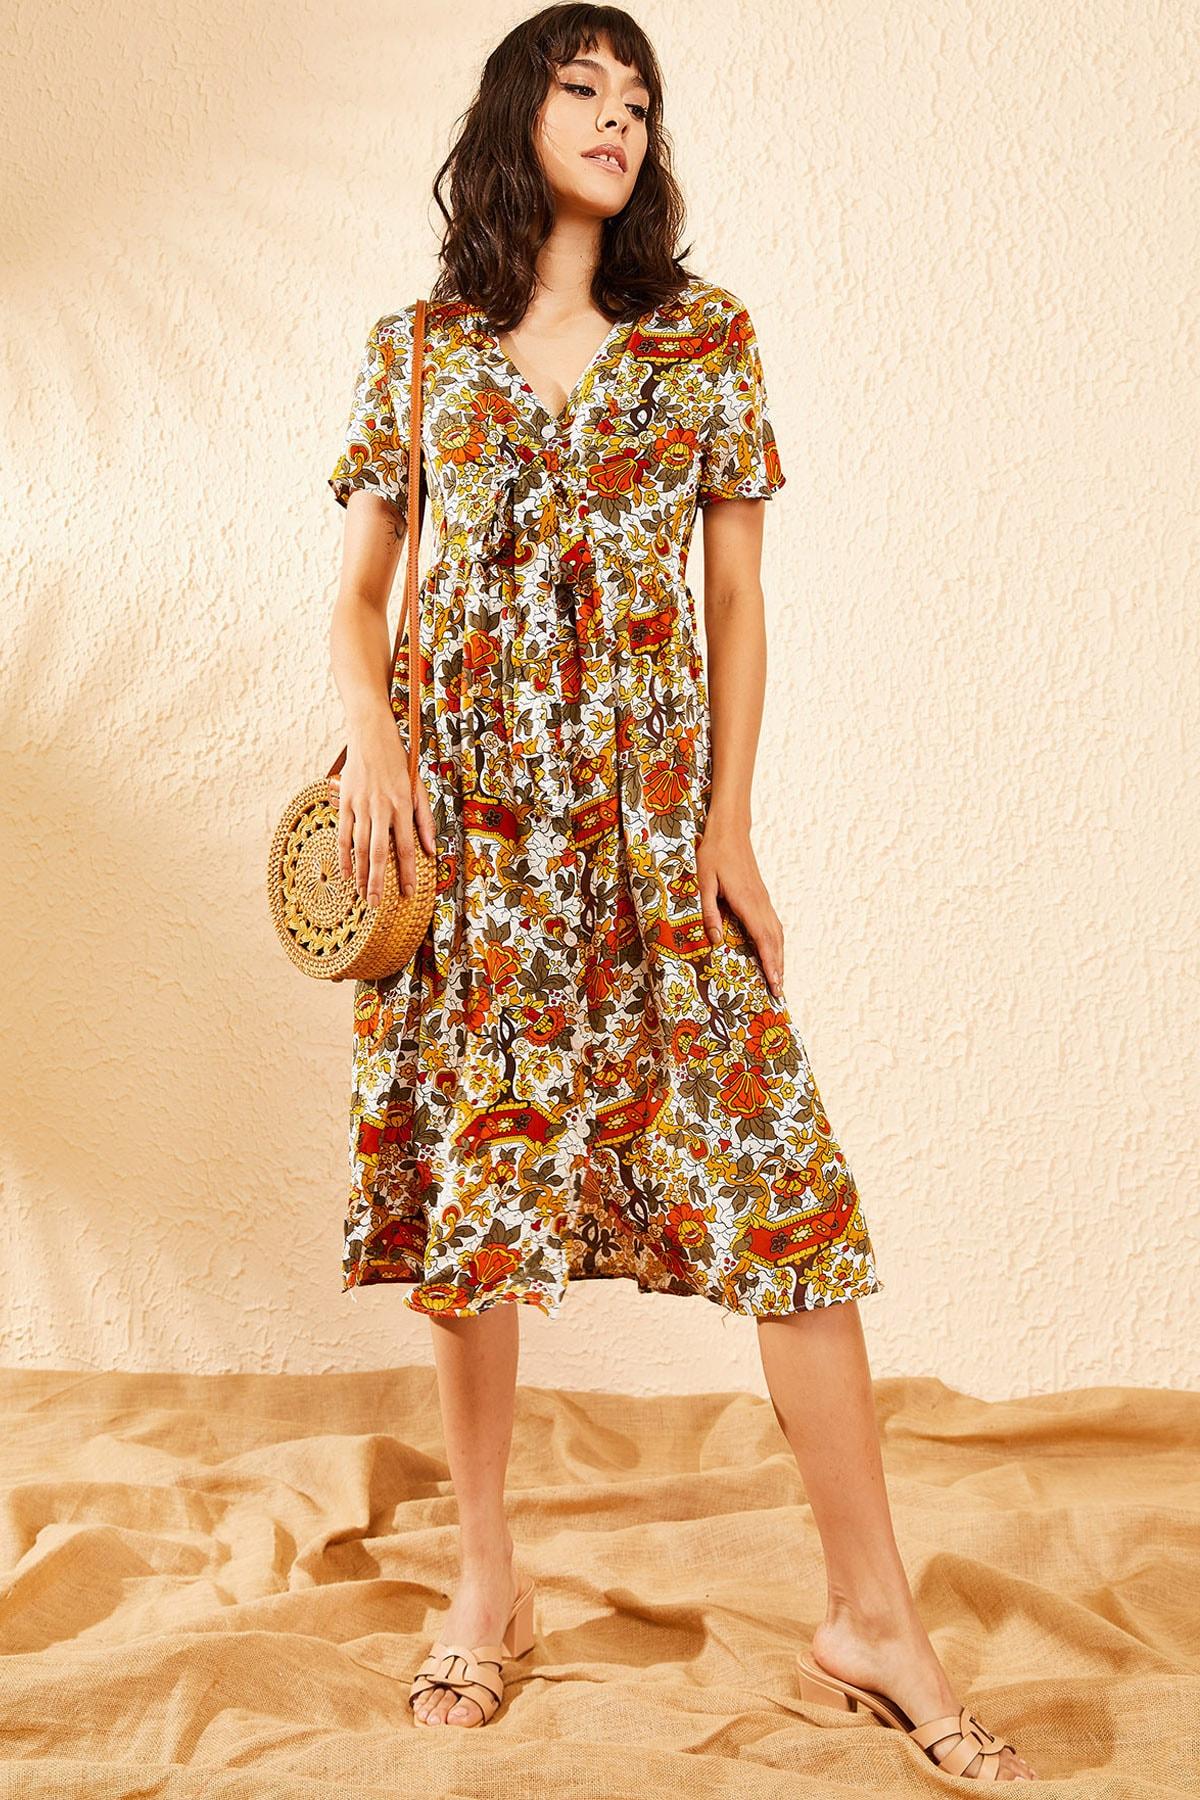 Bianco Lucci Kadın Beyaz Multi Çiçek Desenli Düğme Detaylı Uzun Gömlek  Elbise 10081006 1